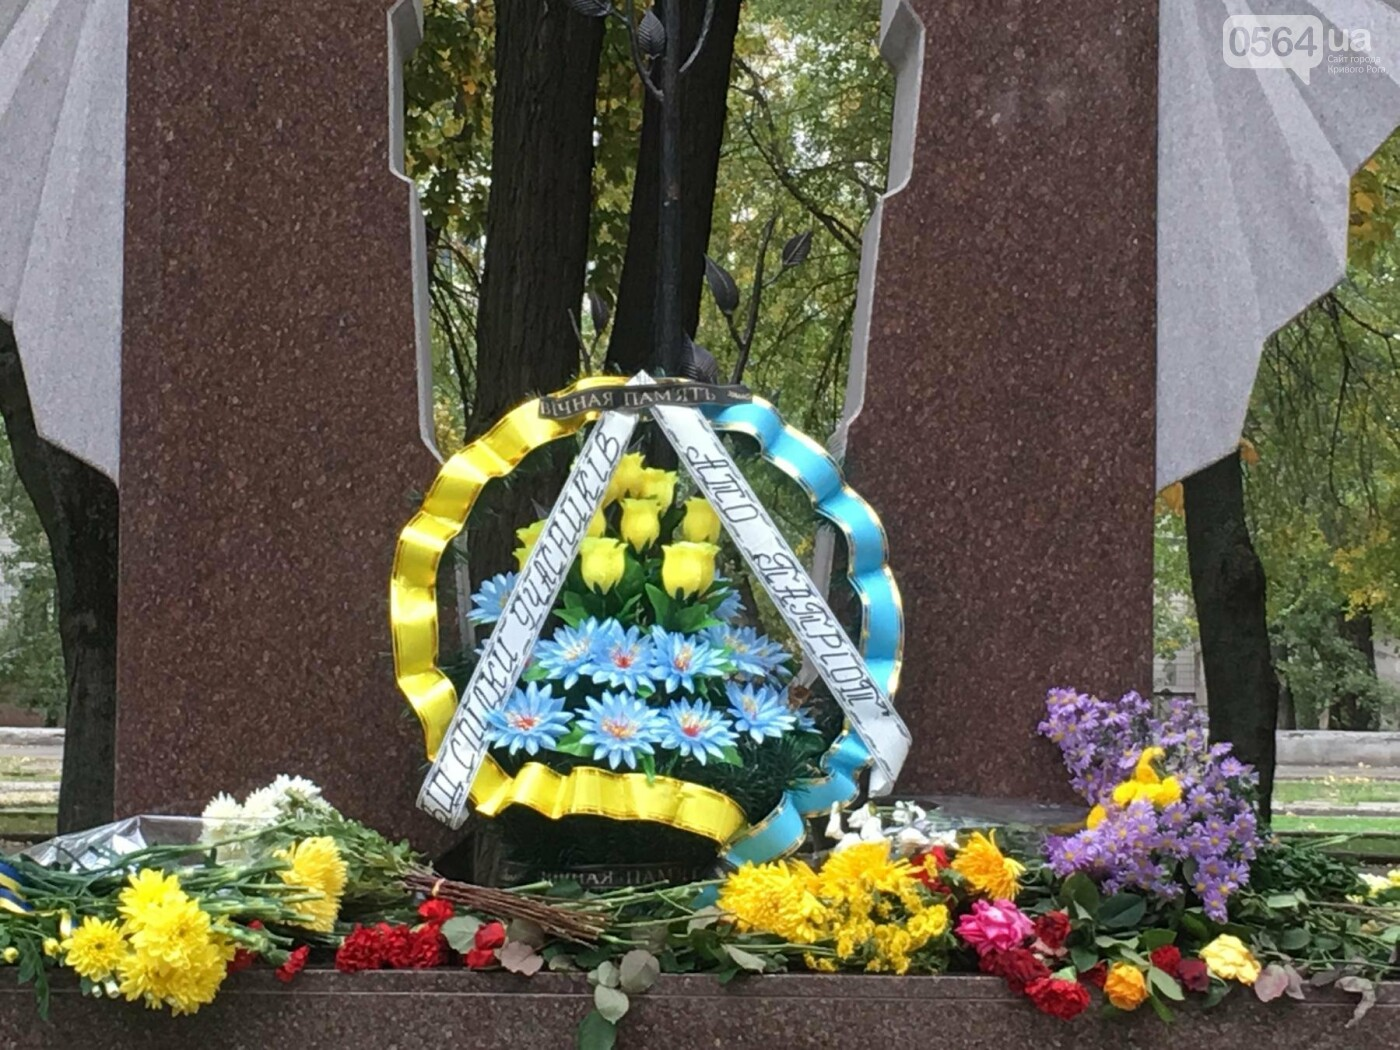 В Кривом Роге состоялся Марш Защитников Украины (ФОТО, ВИДЕО), фото-14